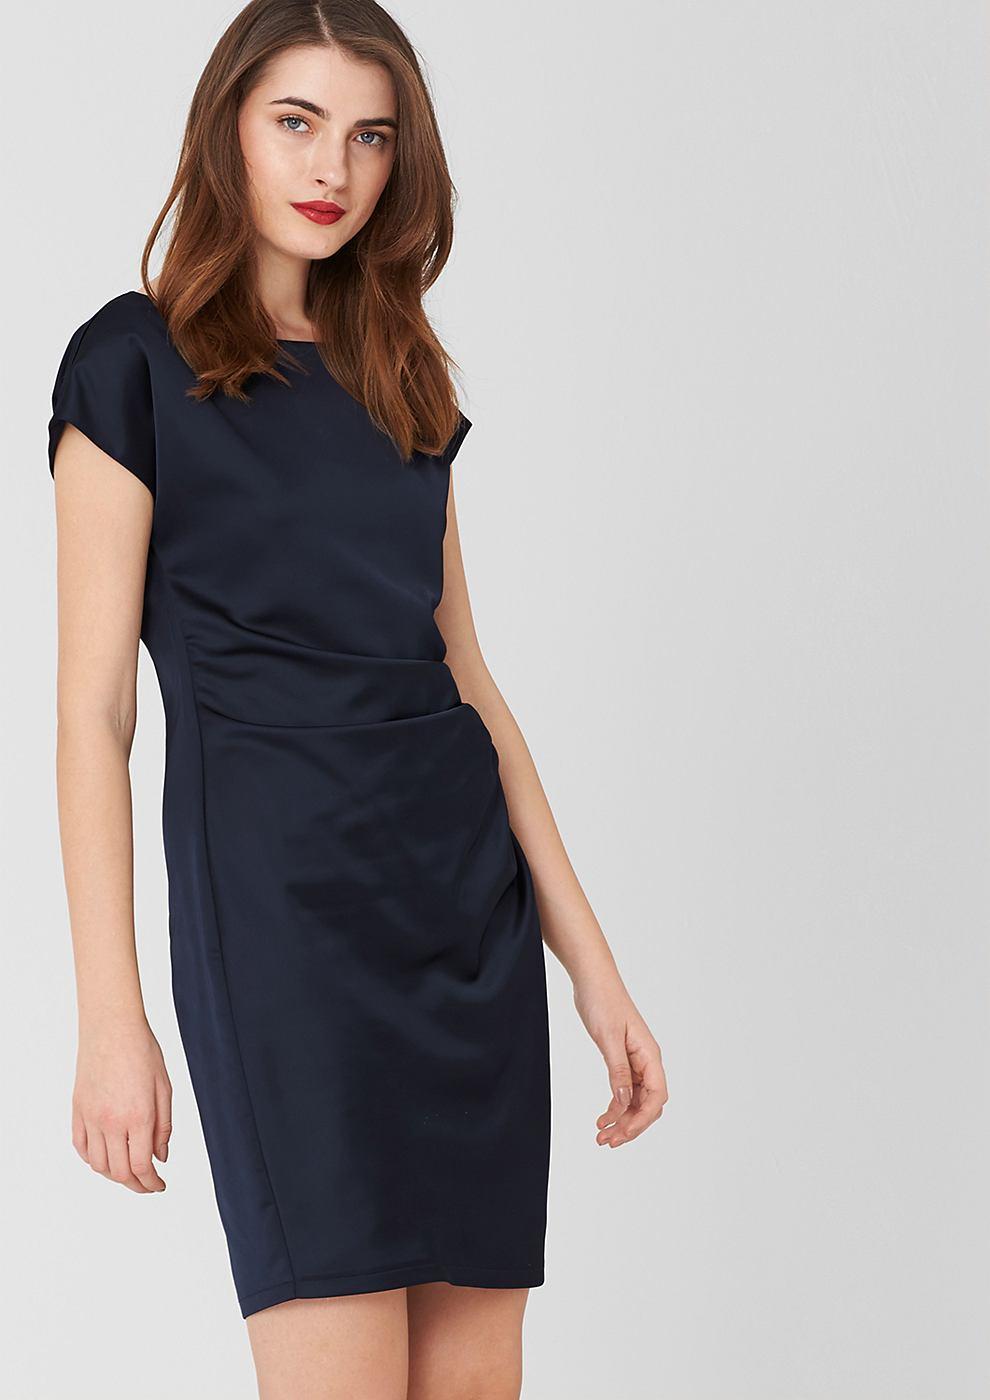 s.Oliver Premium satijnen jurk met gedrapeerd effect blauw